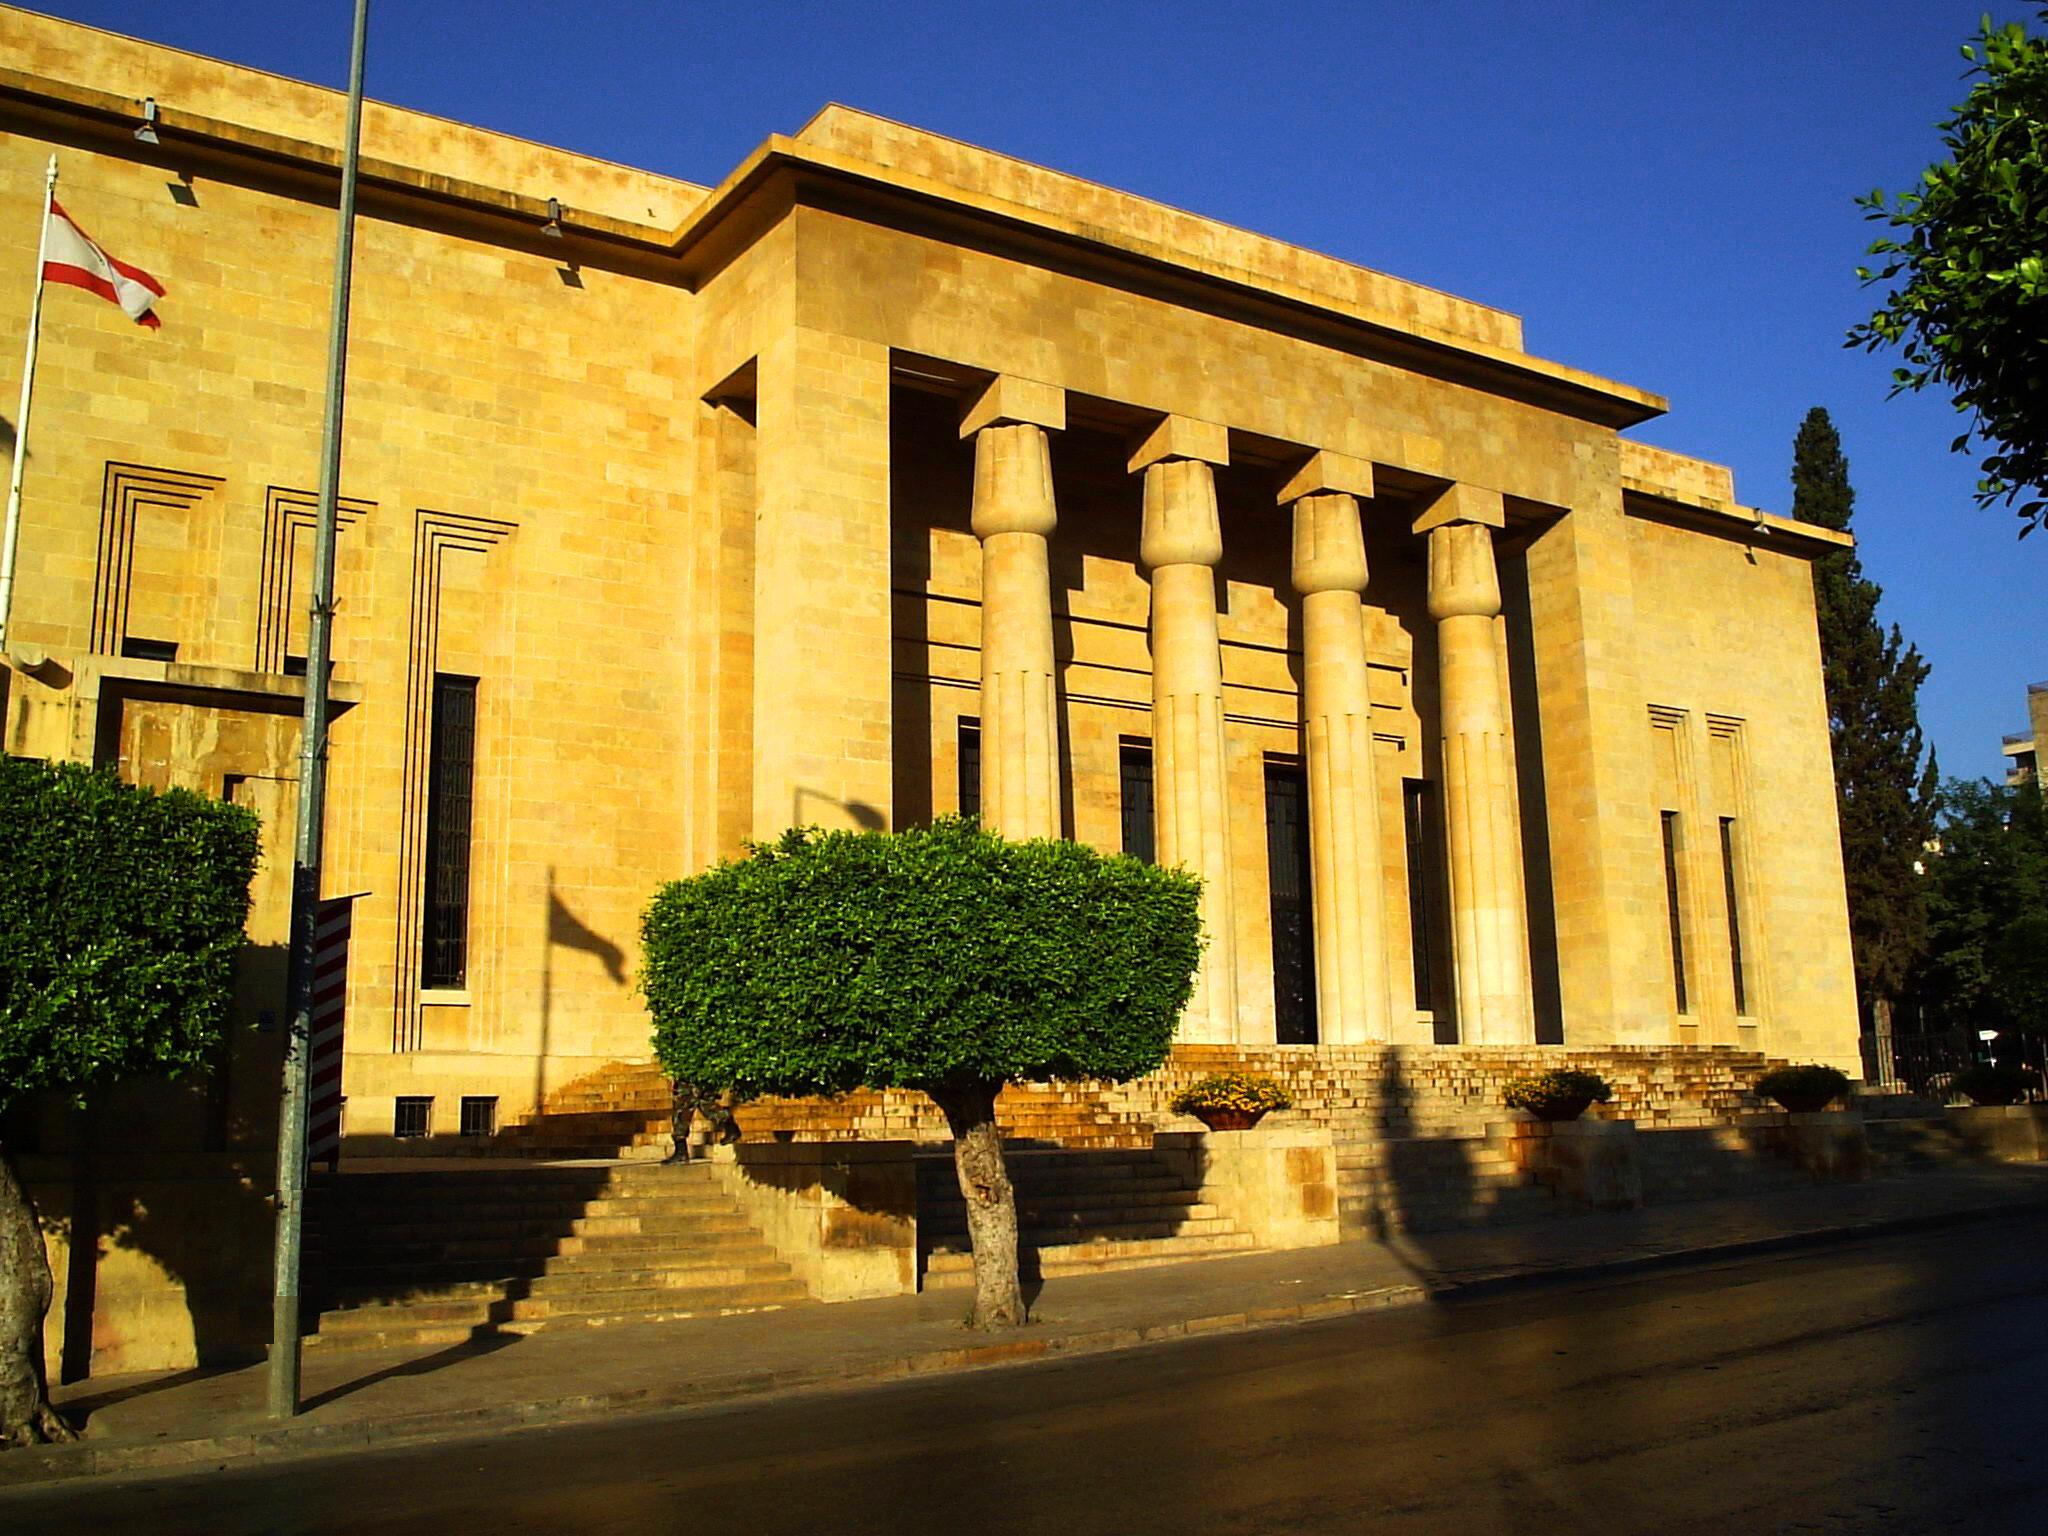 Le Musée national de Beyrouth, le plus grand musée d'archéologie du Liban.